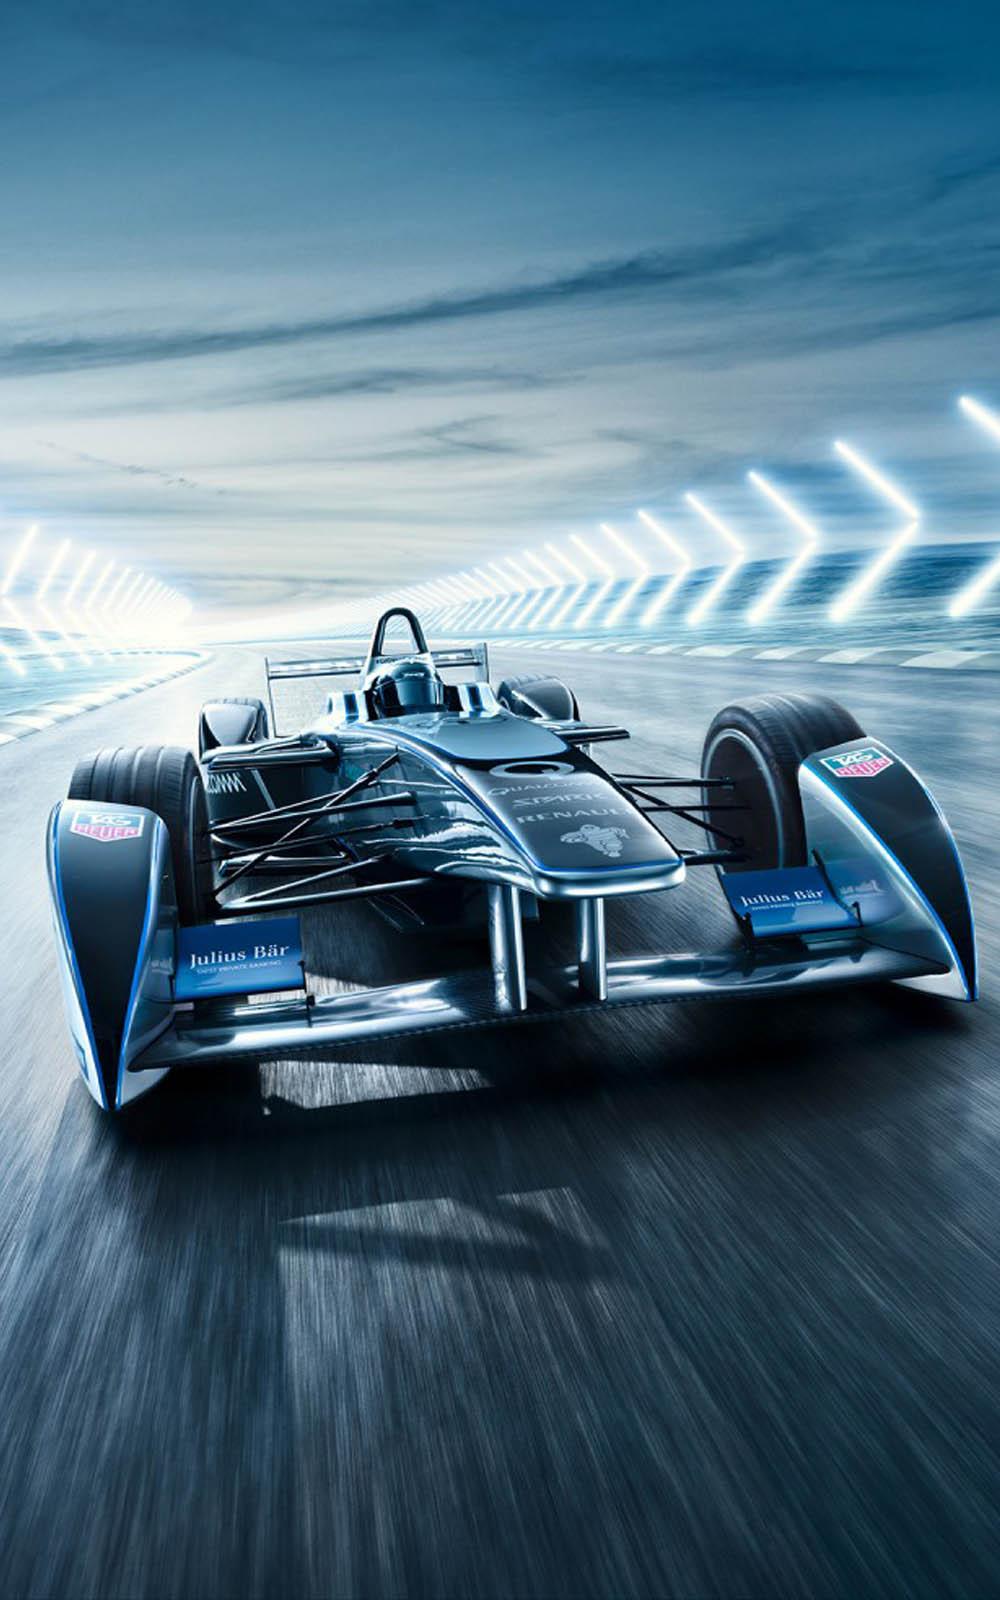 Renault Formula E Racing Car Free 4K Ultra HD Mobile Wallpaper